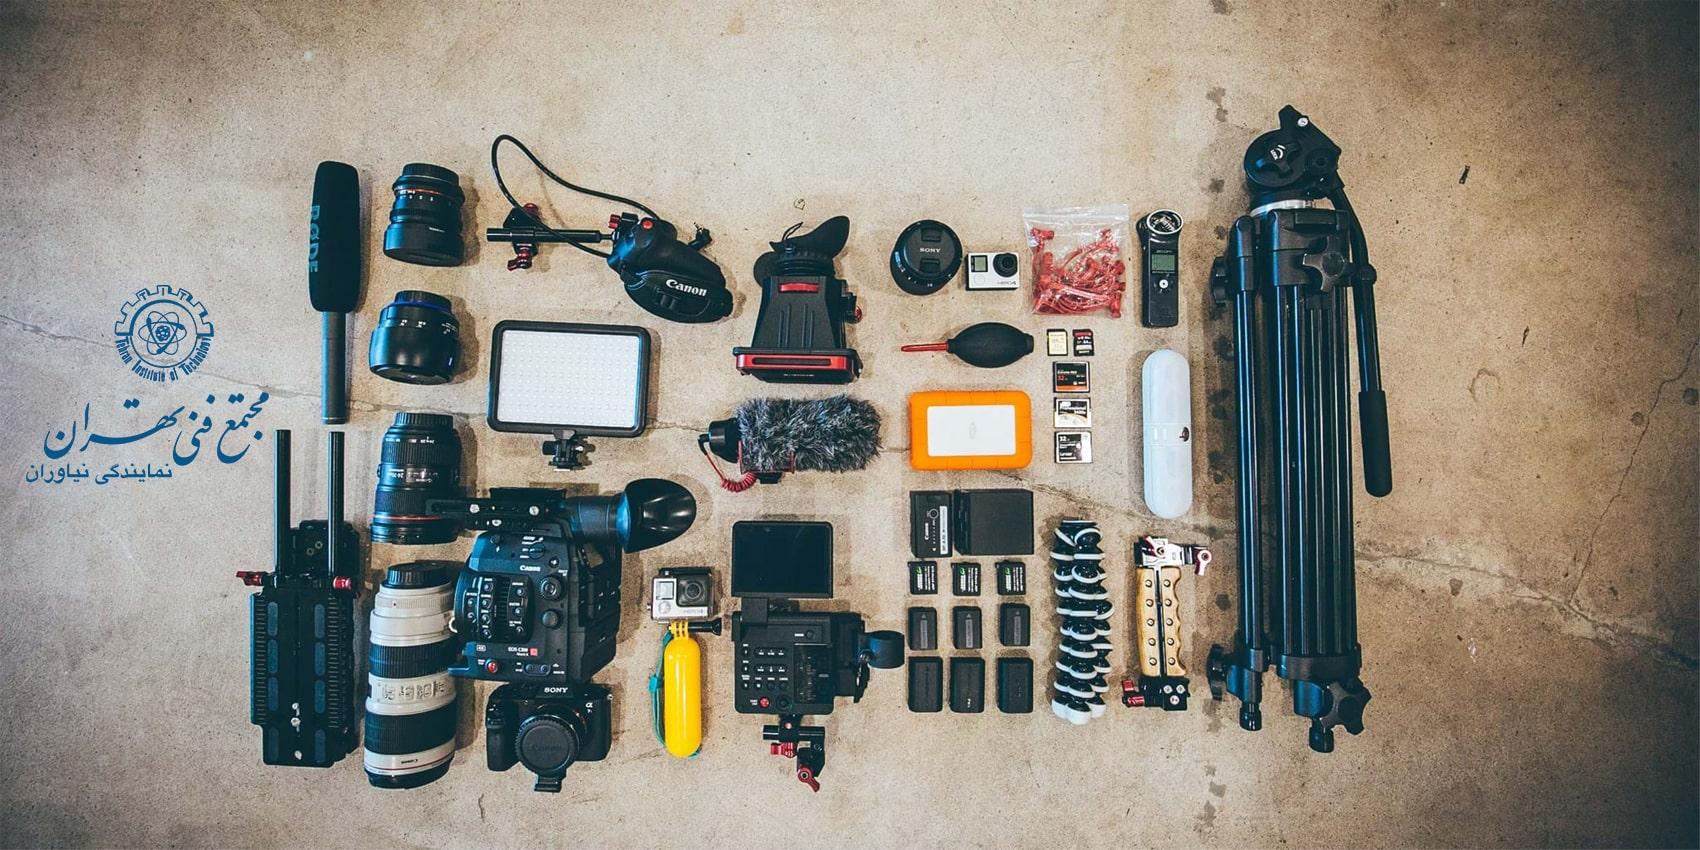 تصویری از تمام تجهیزات مورد نیاز عکاسی